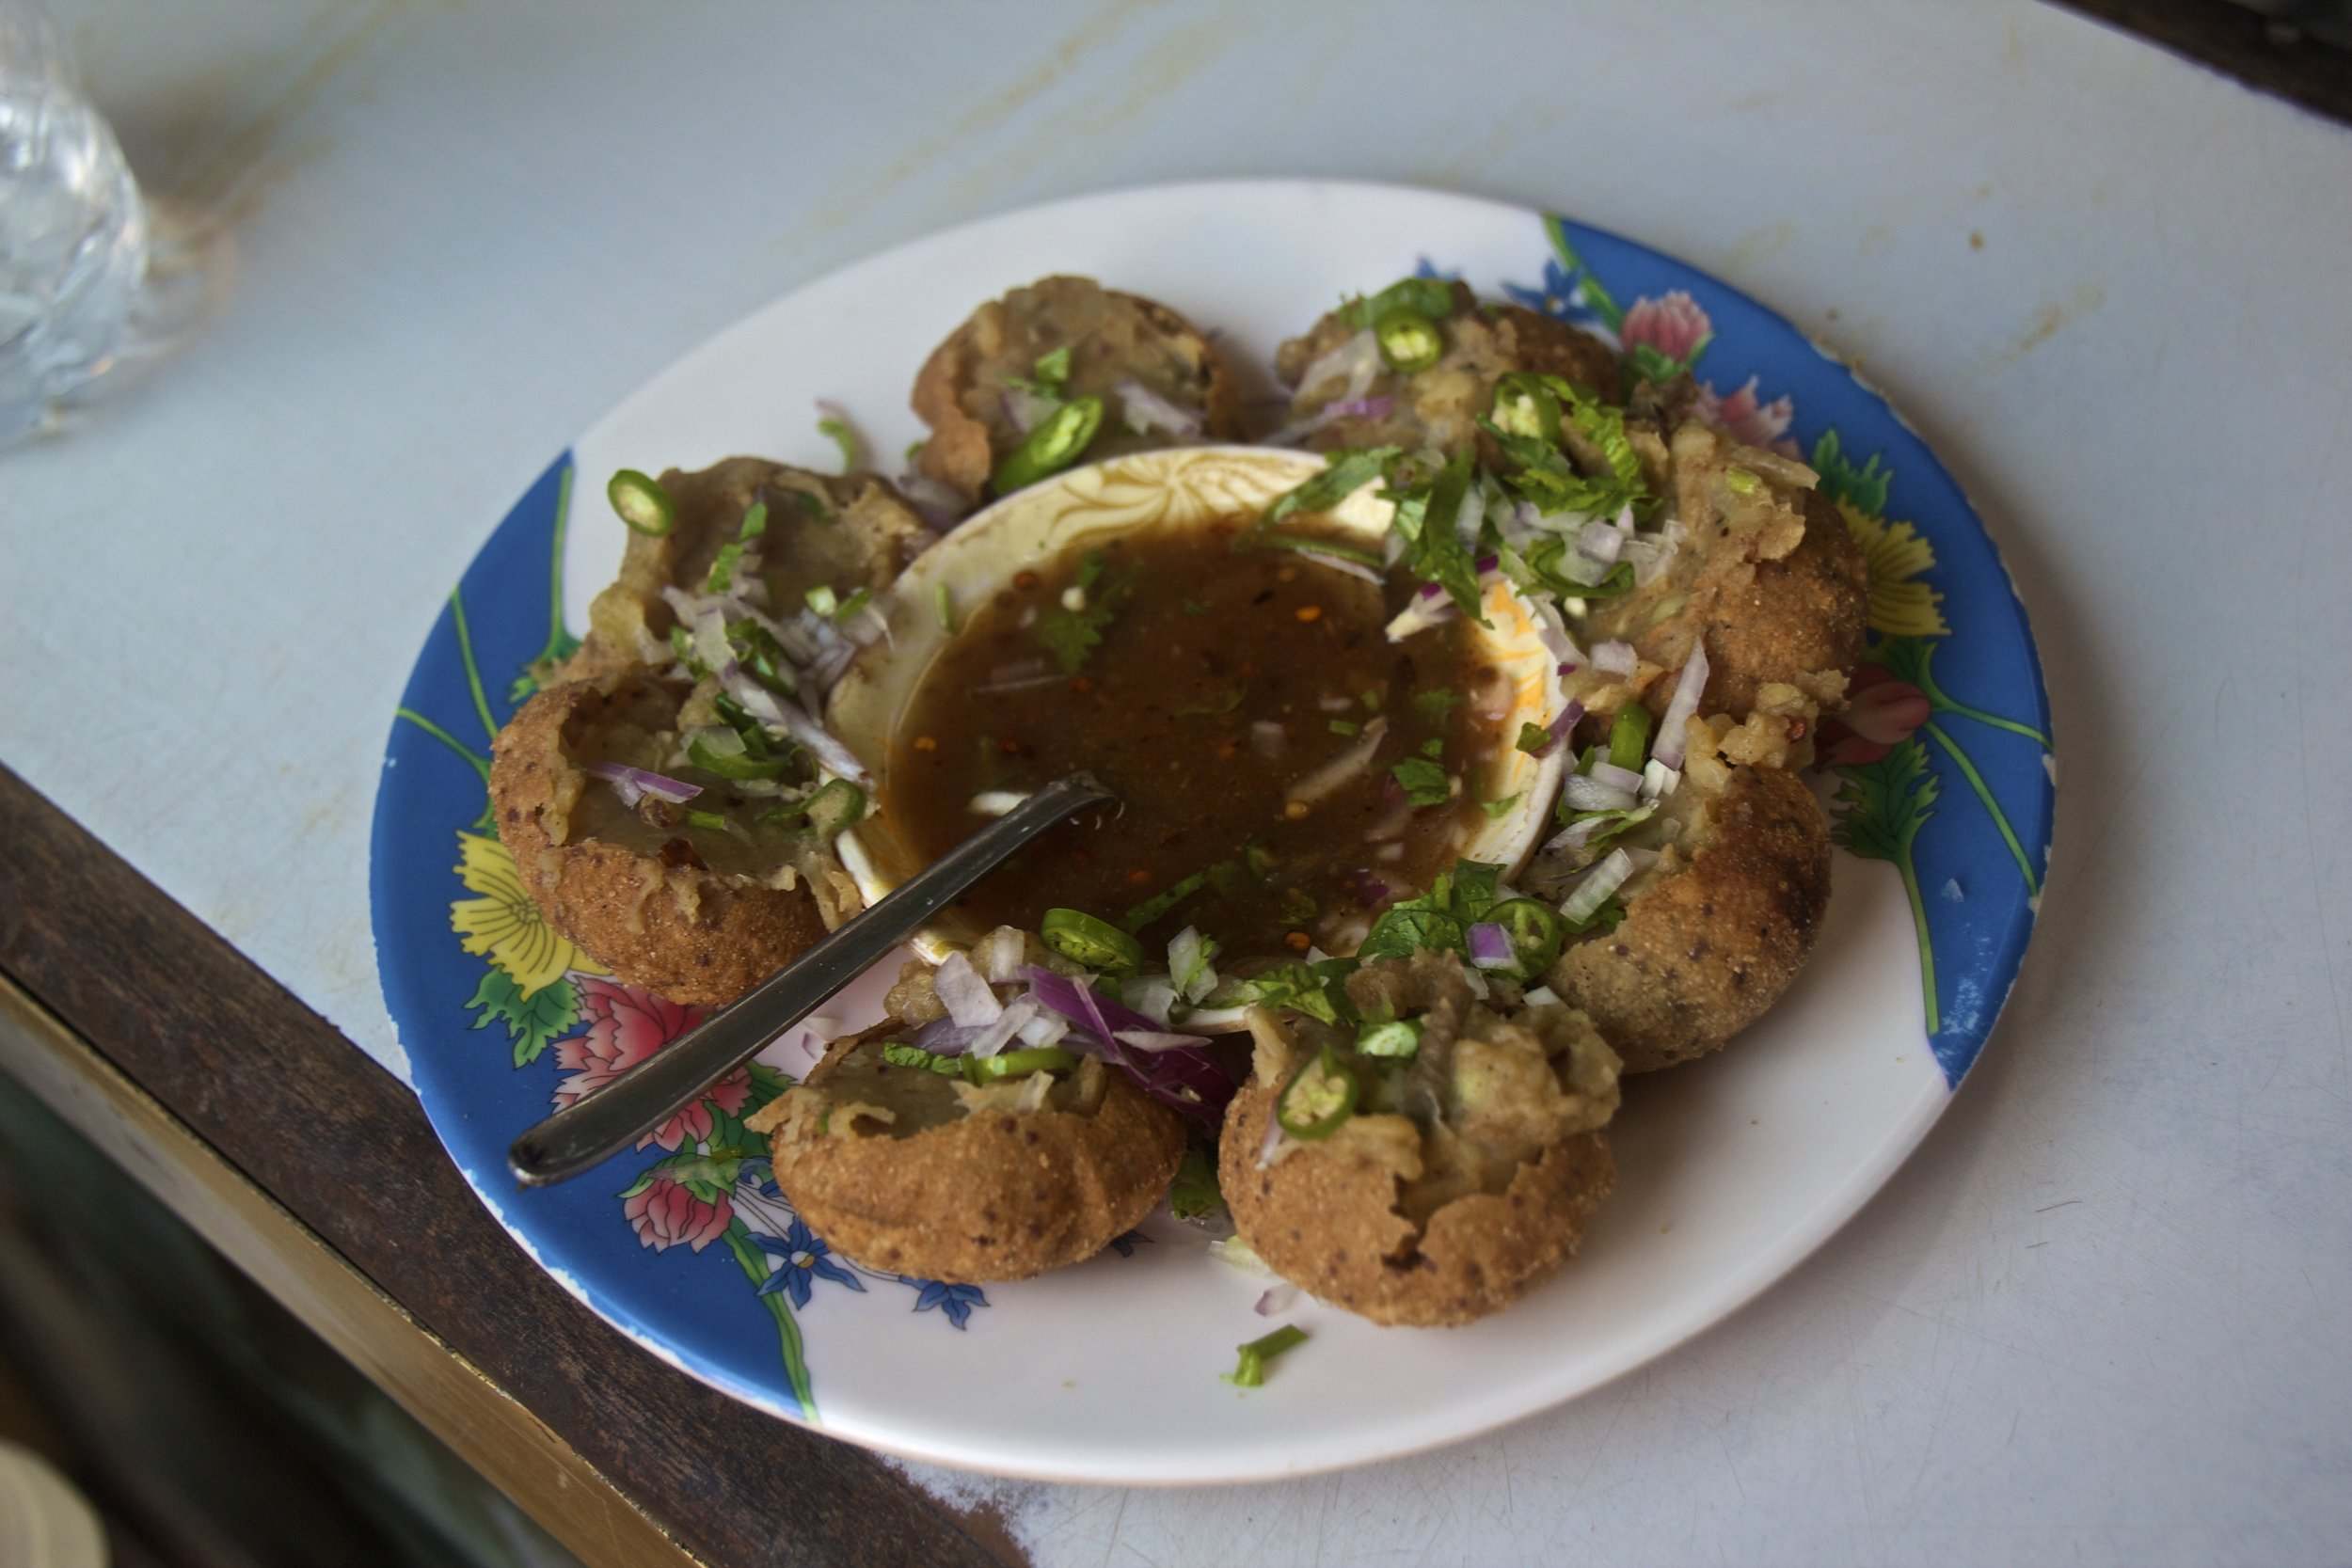 bangladeshi foods 1 fuchka.jpg